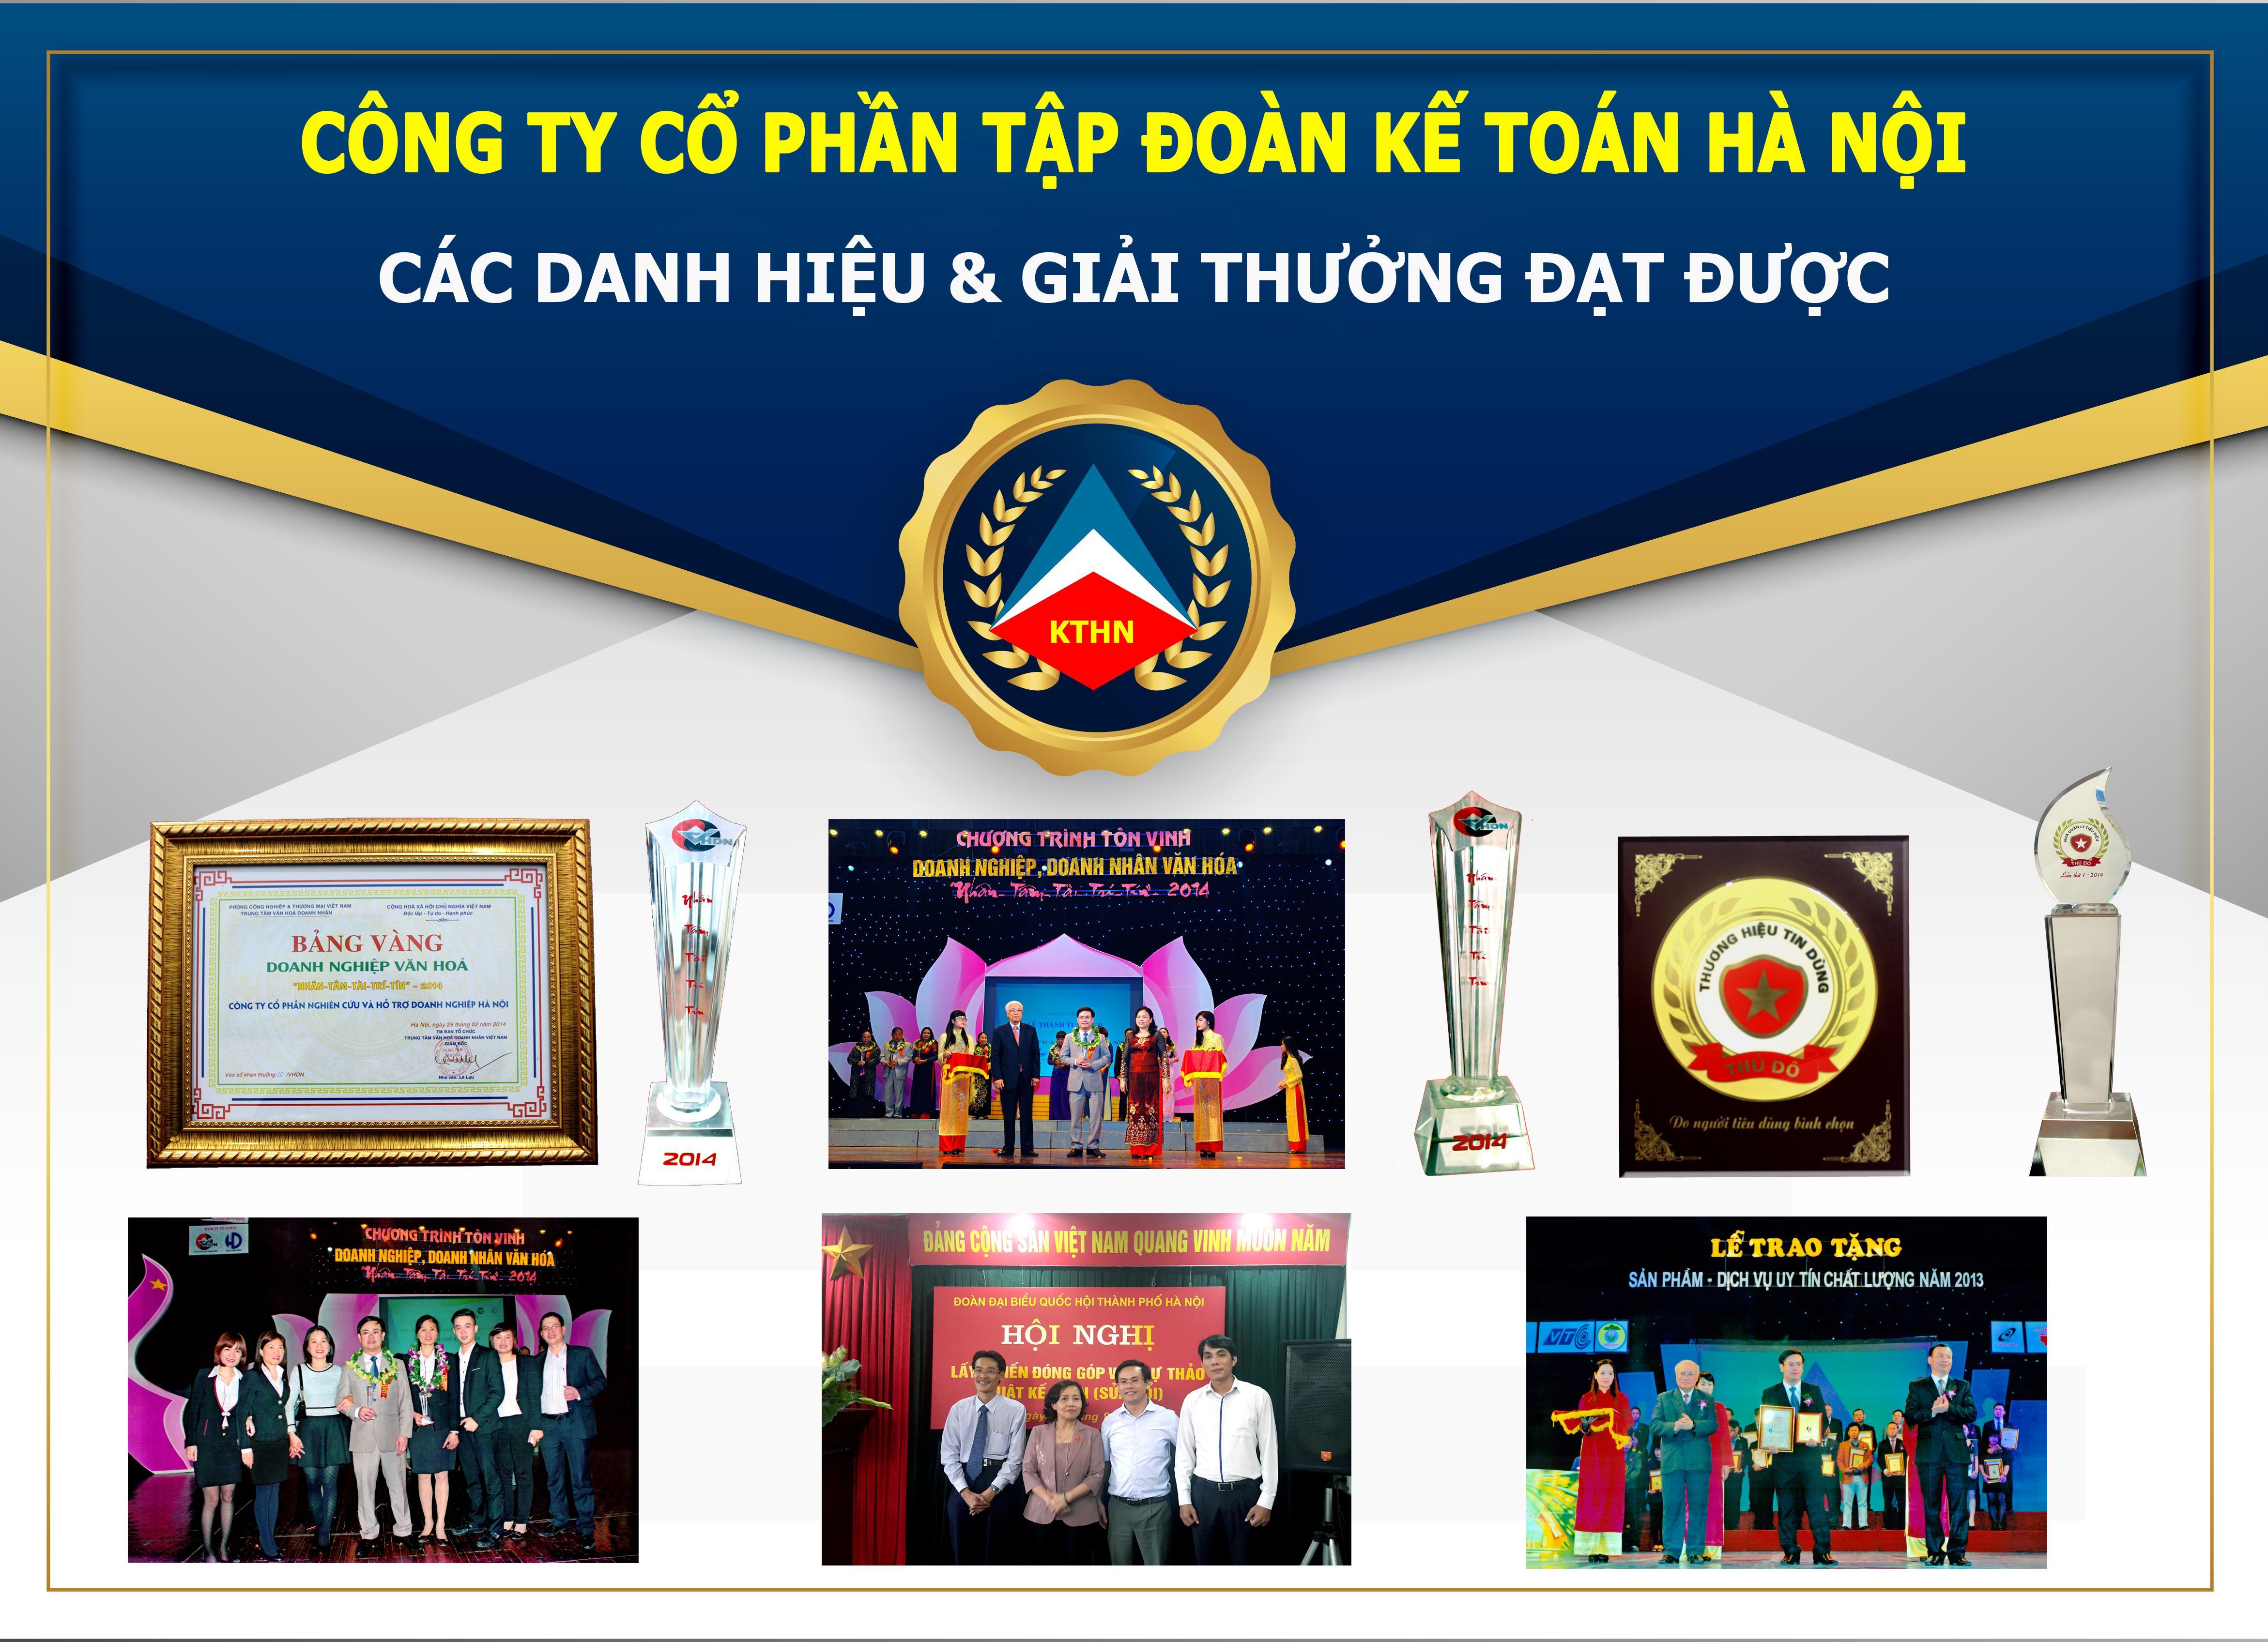 Dịch vụ kế toán thuế trọn gói tại Long Biên